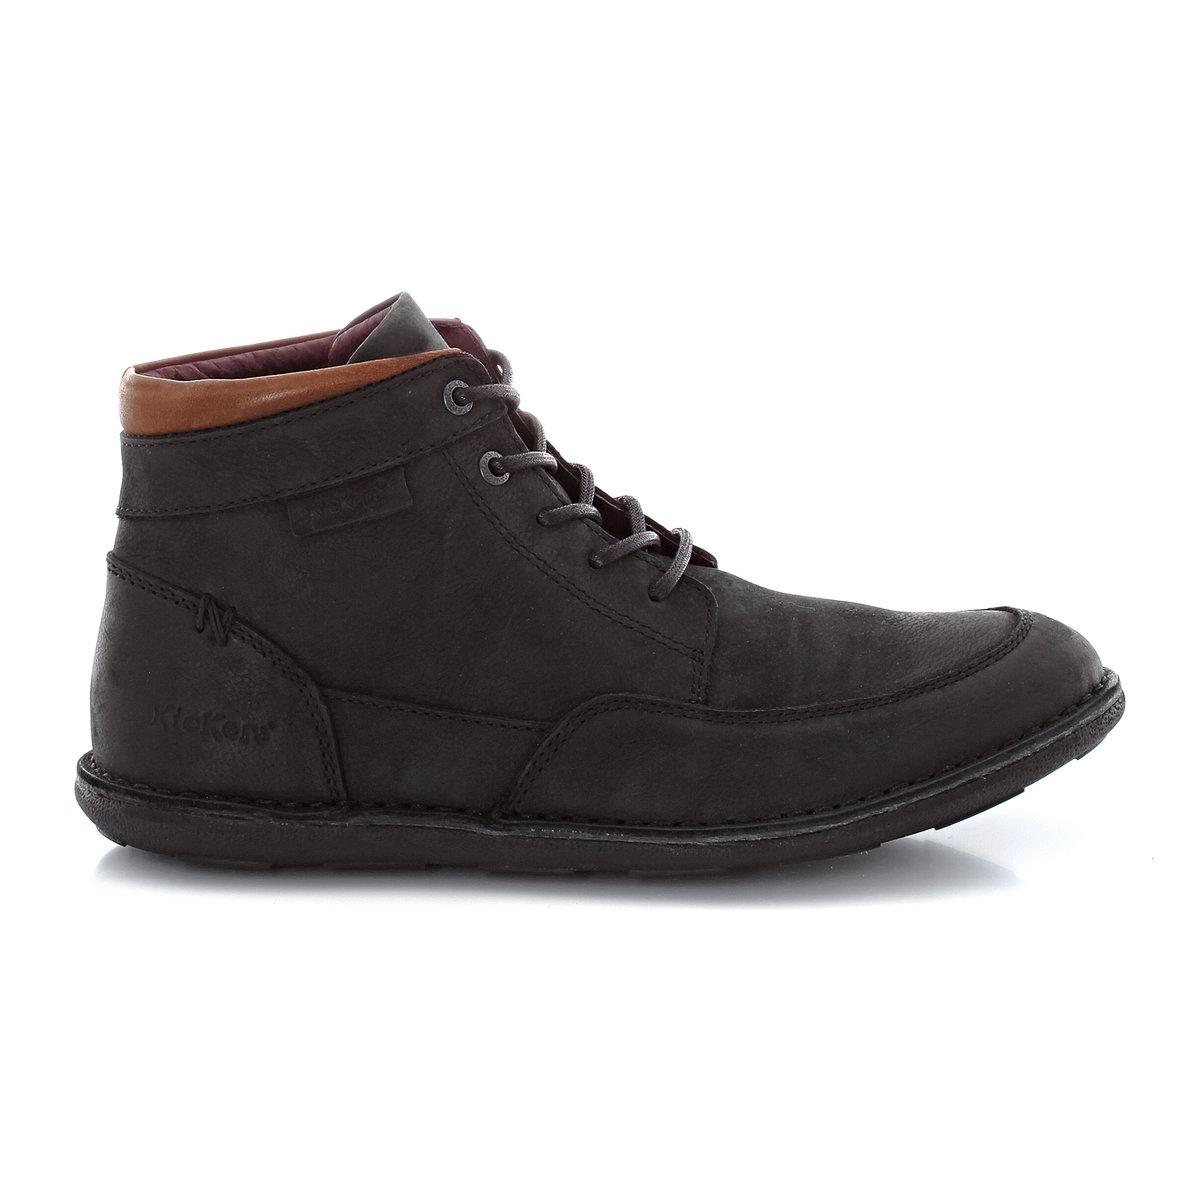 Ботинки из кожи со шнуровкойОтличные кожаные ботинки для любой дороги - удобство и качество от Kickers!<br><br>Цвет: черный<br>Размер: 41